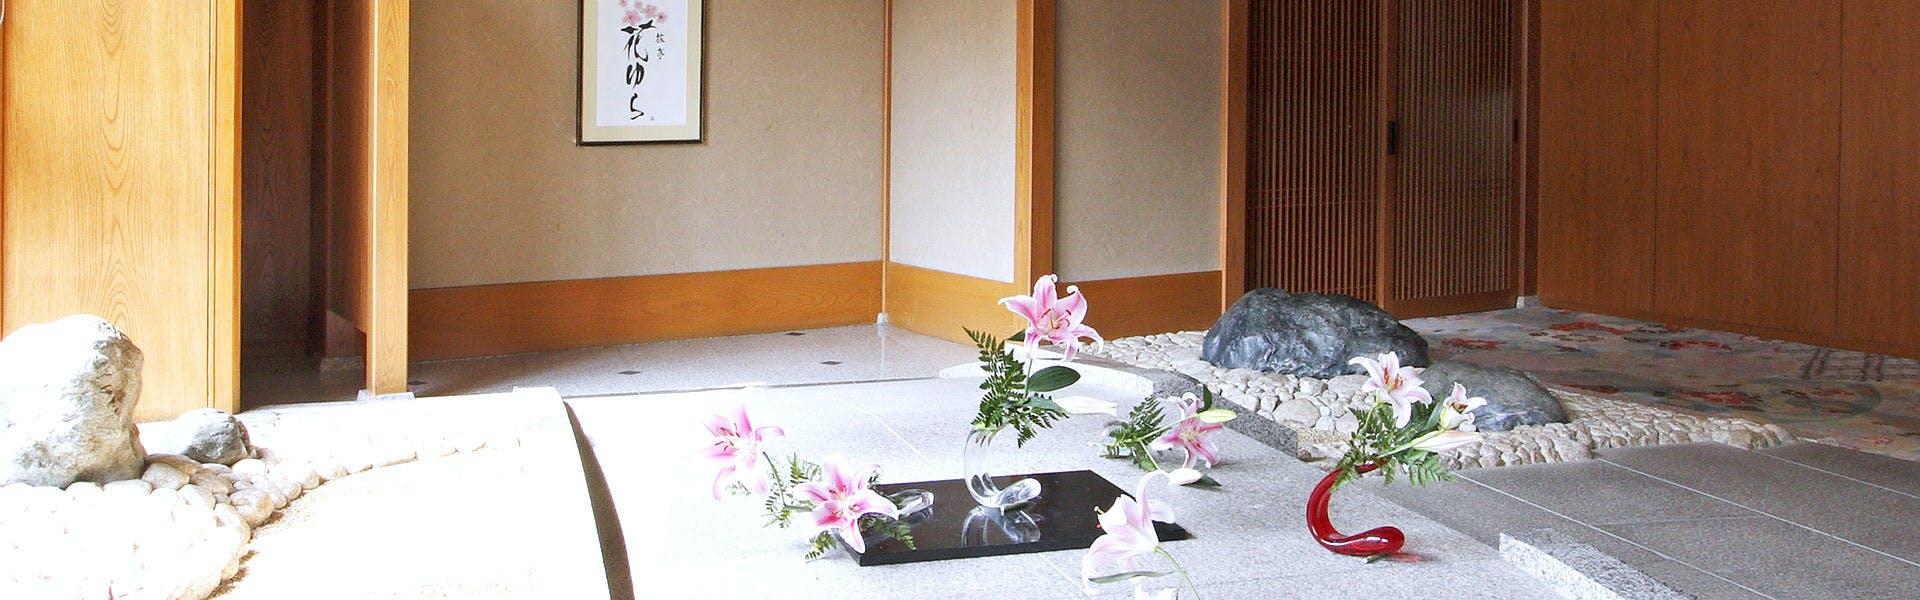 記念日におすすめのホテル・旅亭 花ゆらの写真1